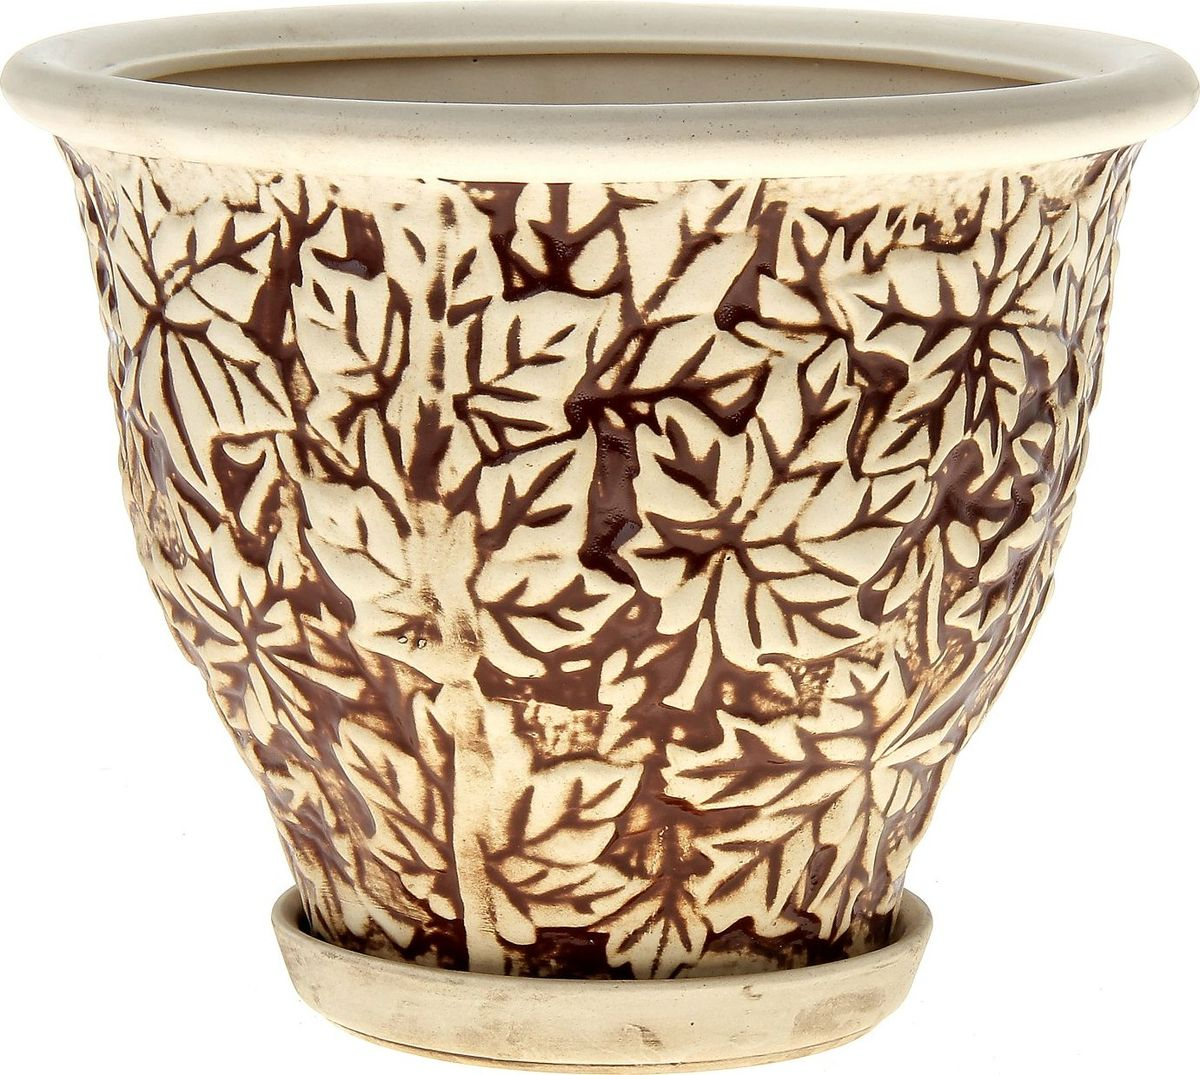 Кашпо Керамика ручной работы Клен, цвет: шамот, 4,5 л144207Декоративное кашпо, выполненное из высококачественной керамики, предназначено для посадки декоративных растений и станет прекрасным украшением для дома. Пористый материал позволяет испаряться лишней влаге, а воздух, необходимый для дыхания корней, проникает сквозь керамические стенки. Такое кашпо украсит окружающее пространство и подчеркнет его оригинальный стиль.